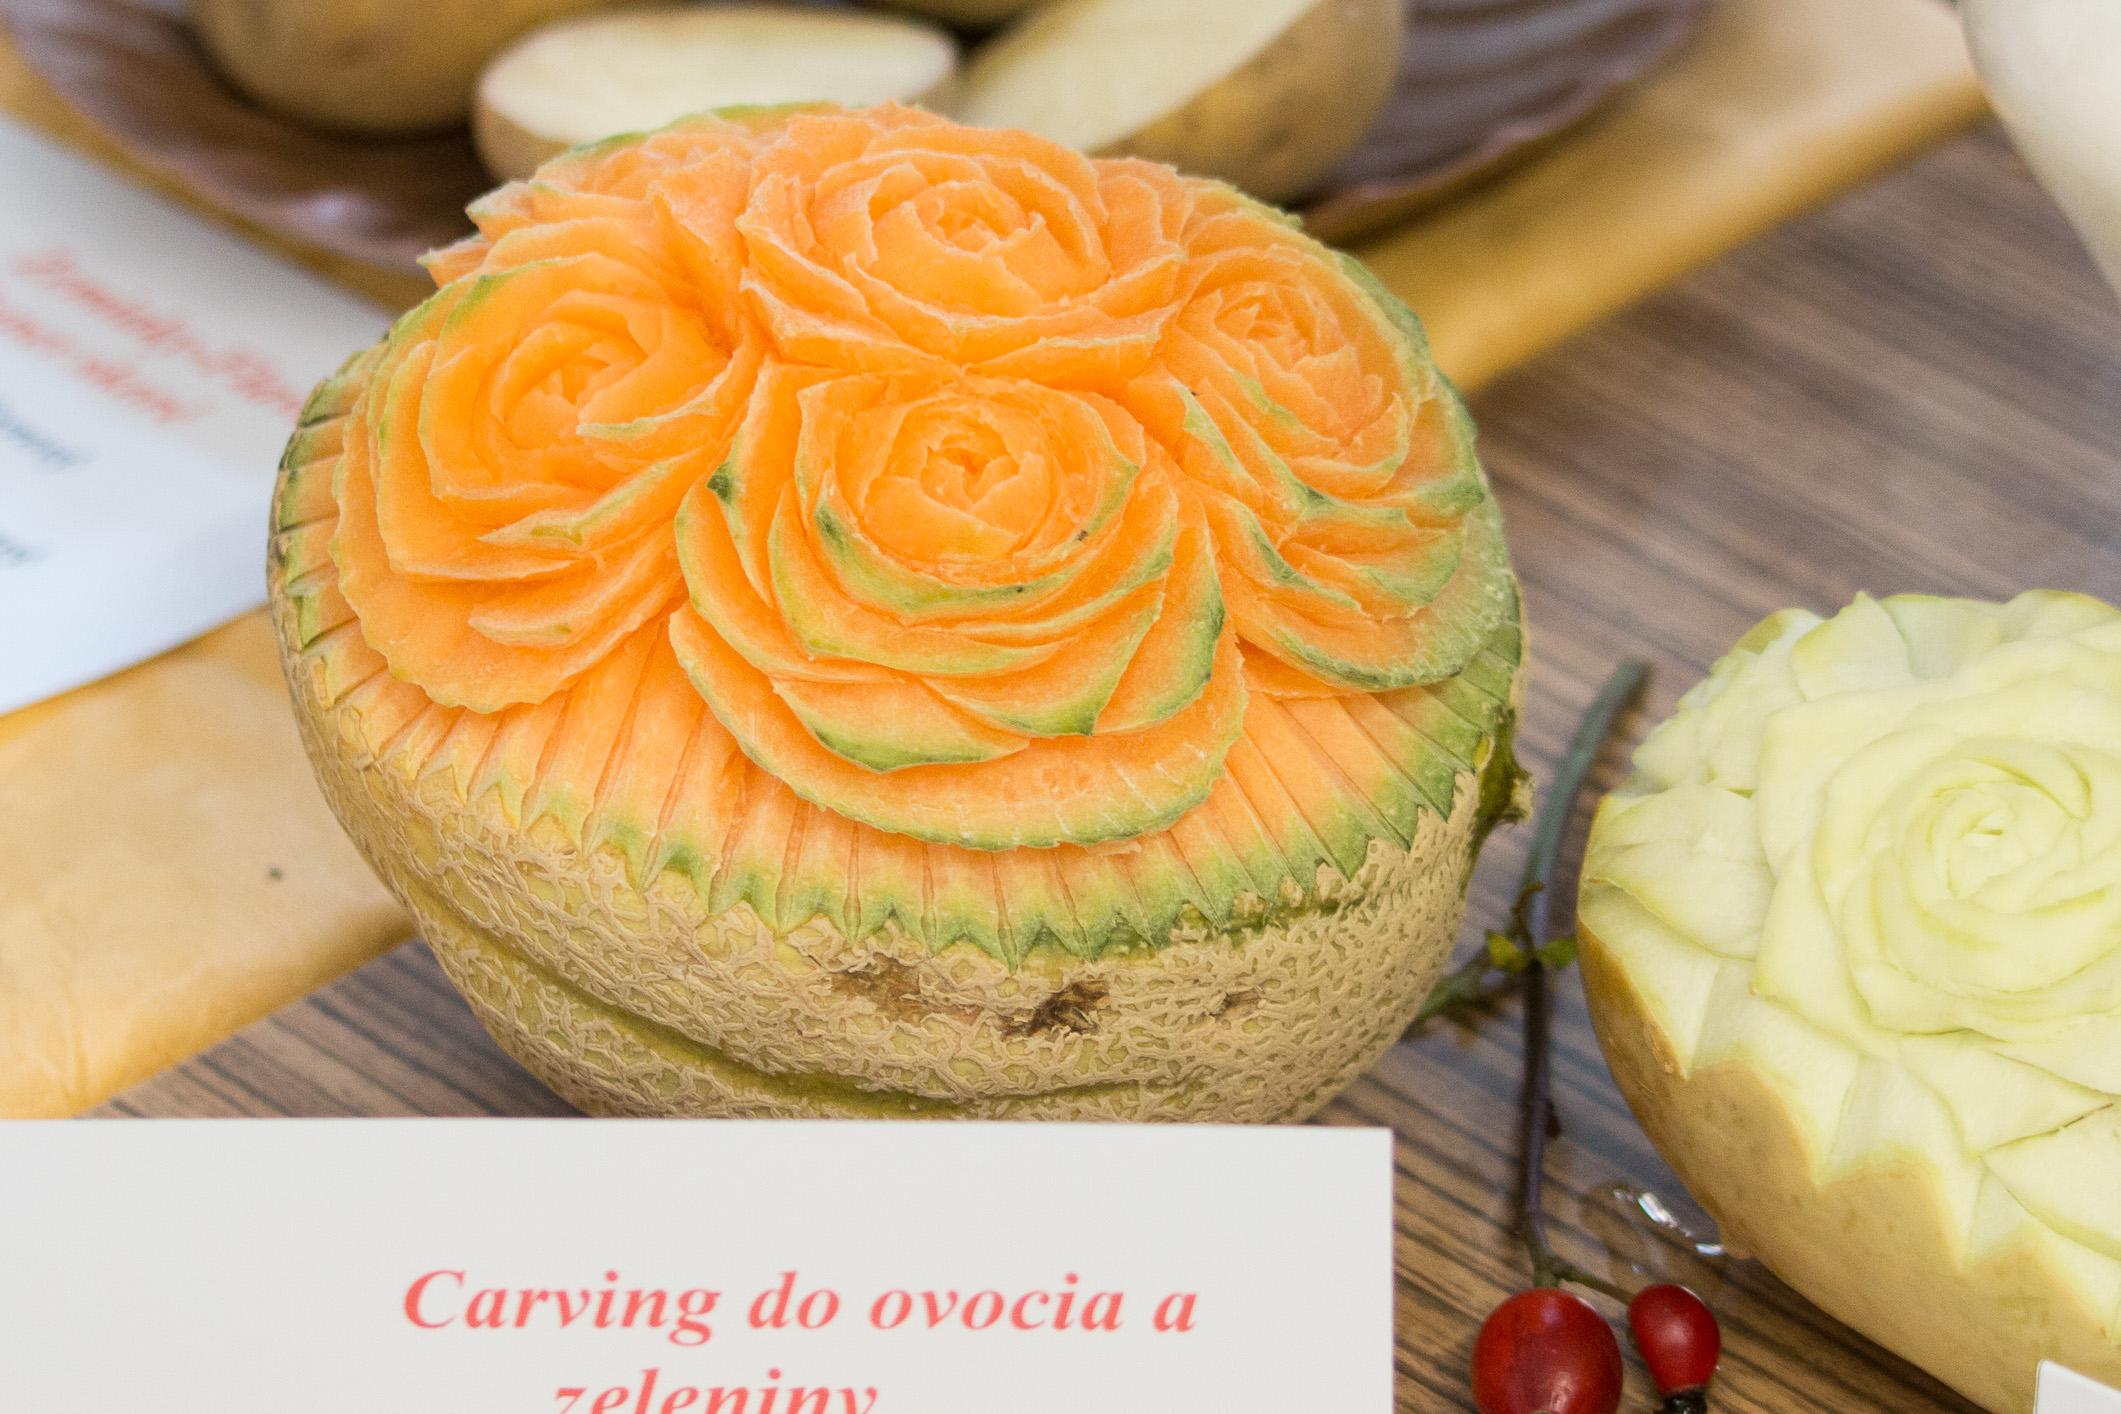 ovocie-zelenina-zv-1011